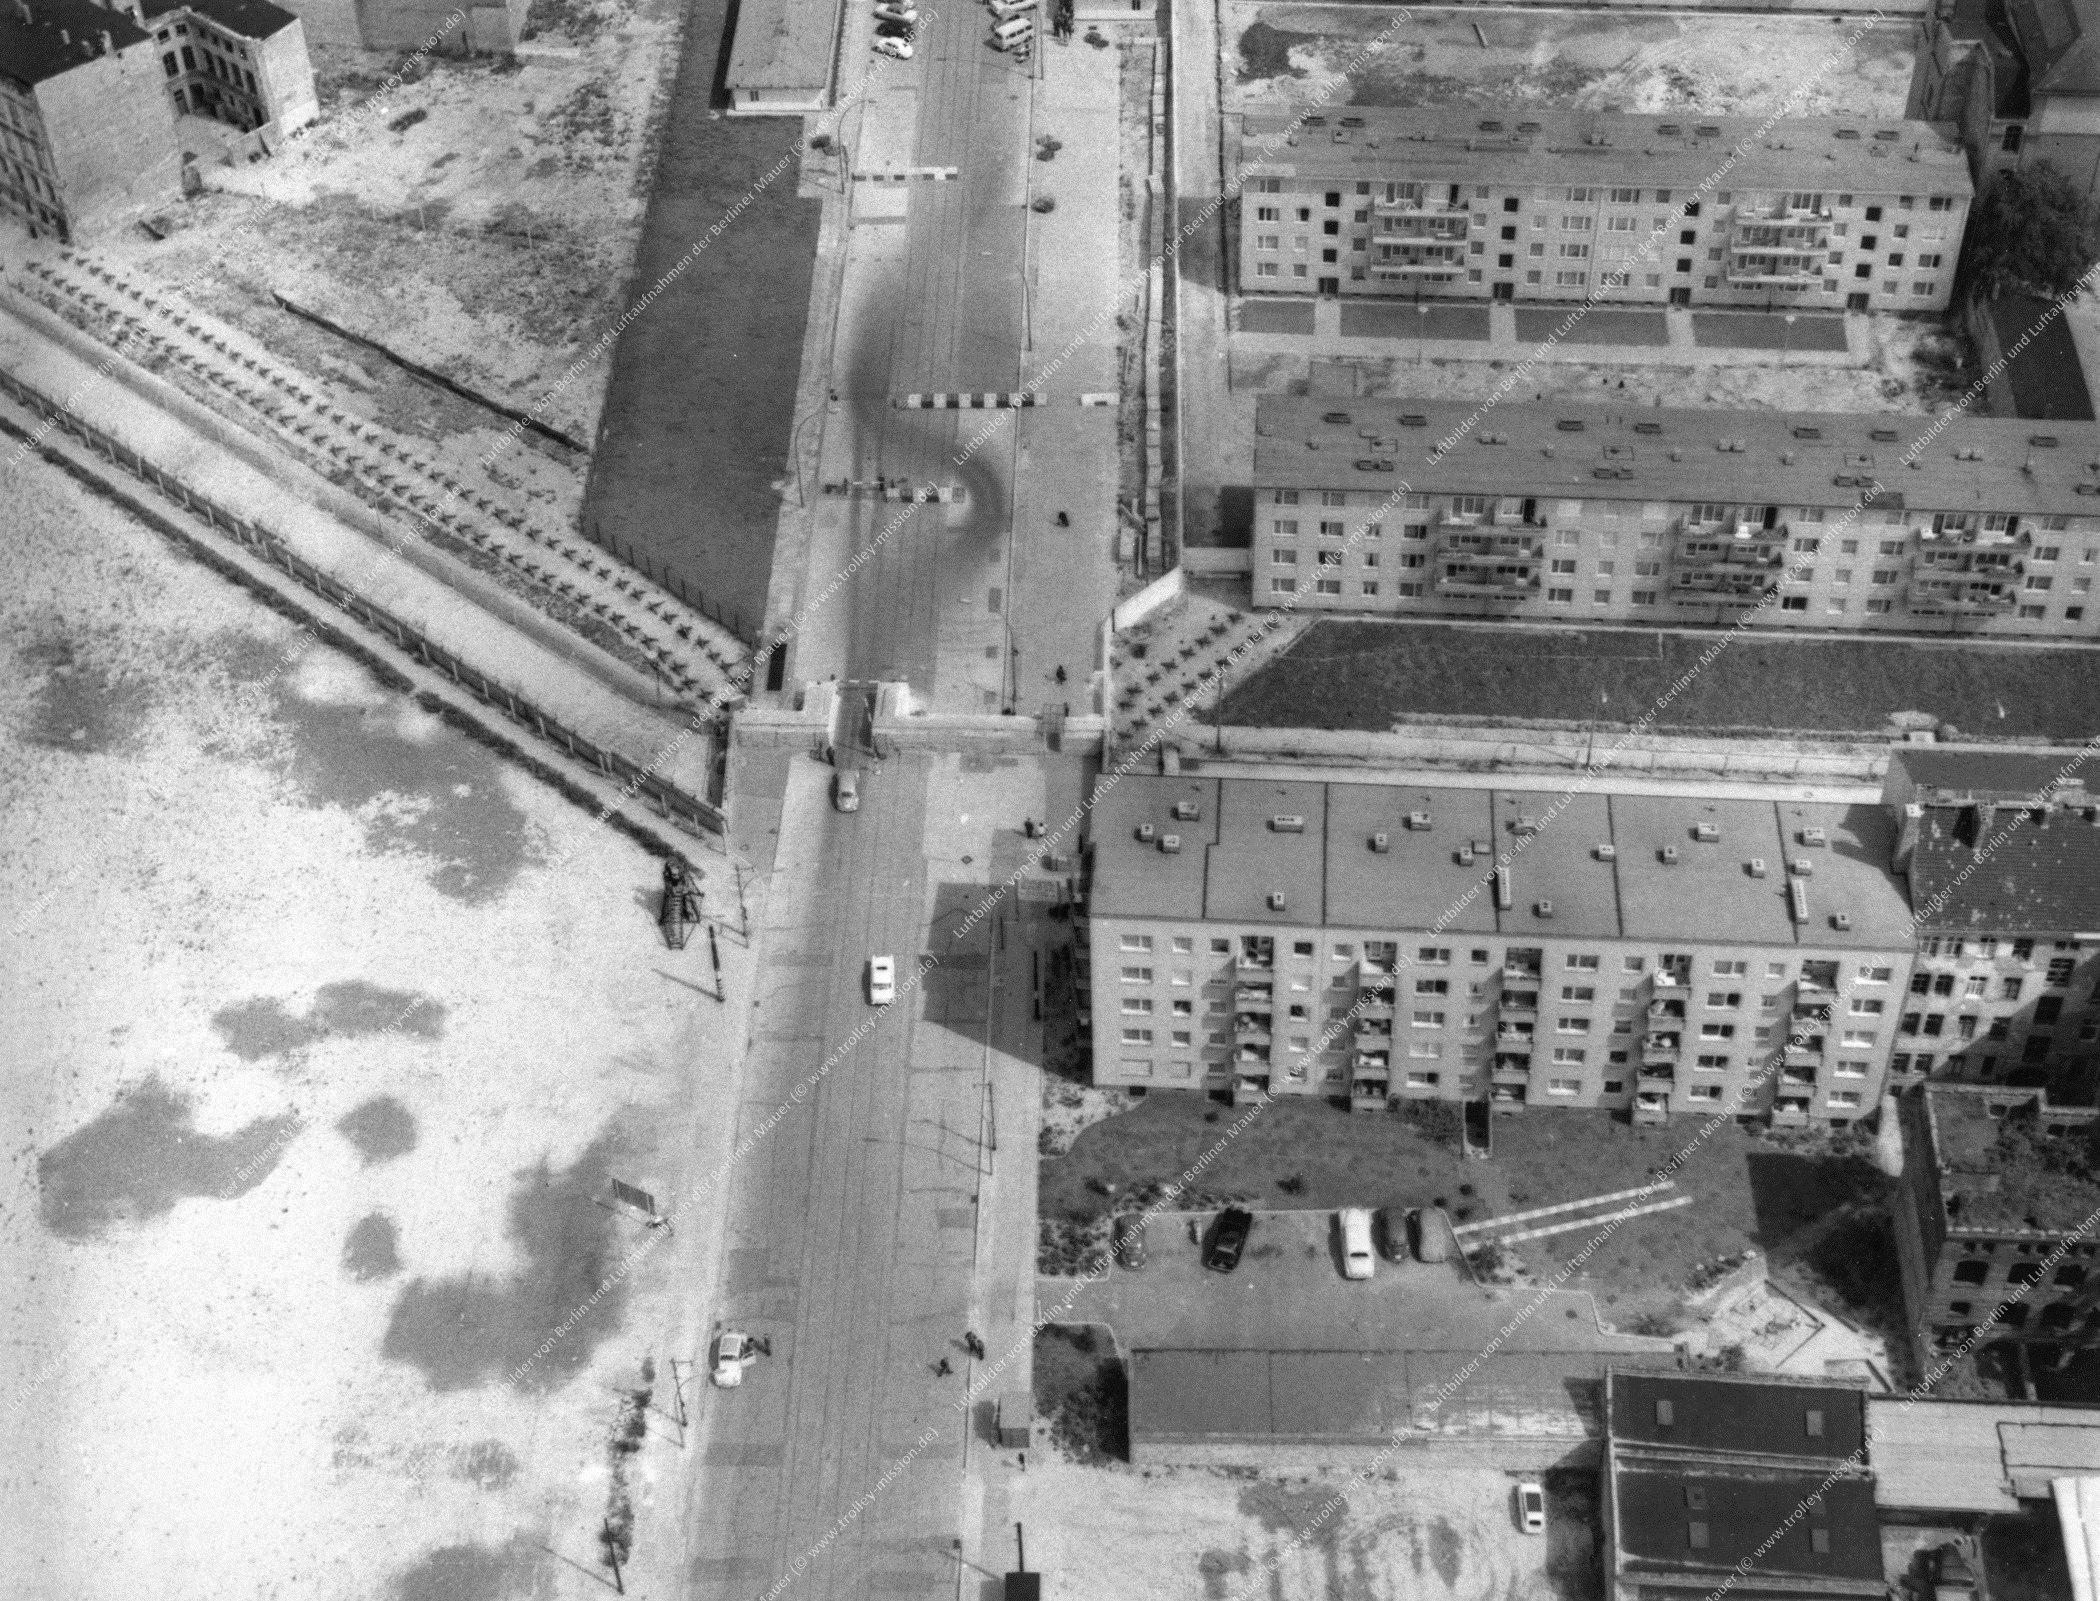 Berlin Luftaufnahme - Unbekannte Grenze und Straße (Bild 022)